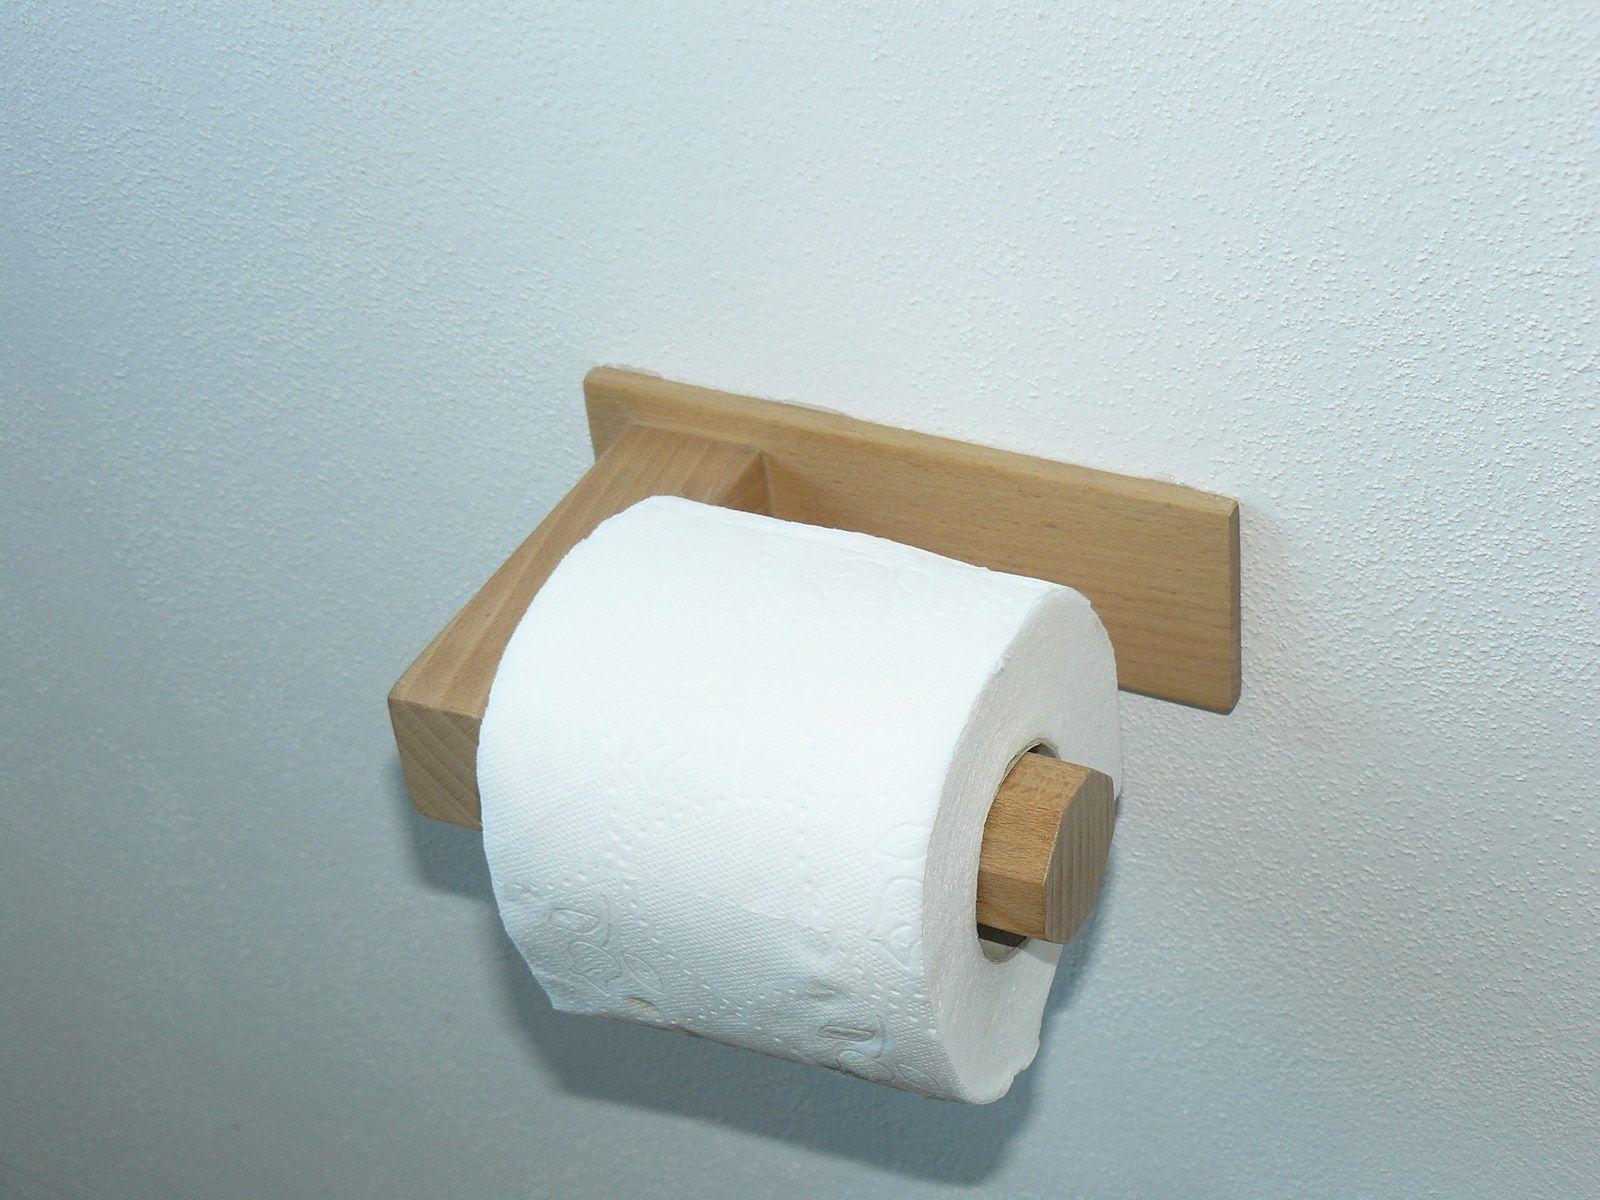 Toilet Paper Holder Dřevěný Držák Na Toaletní Papír, WC Držák Držák Na  Toaletní Papír Používá